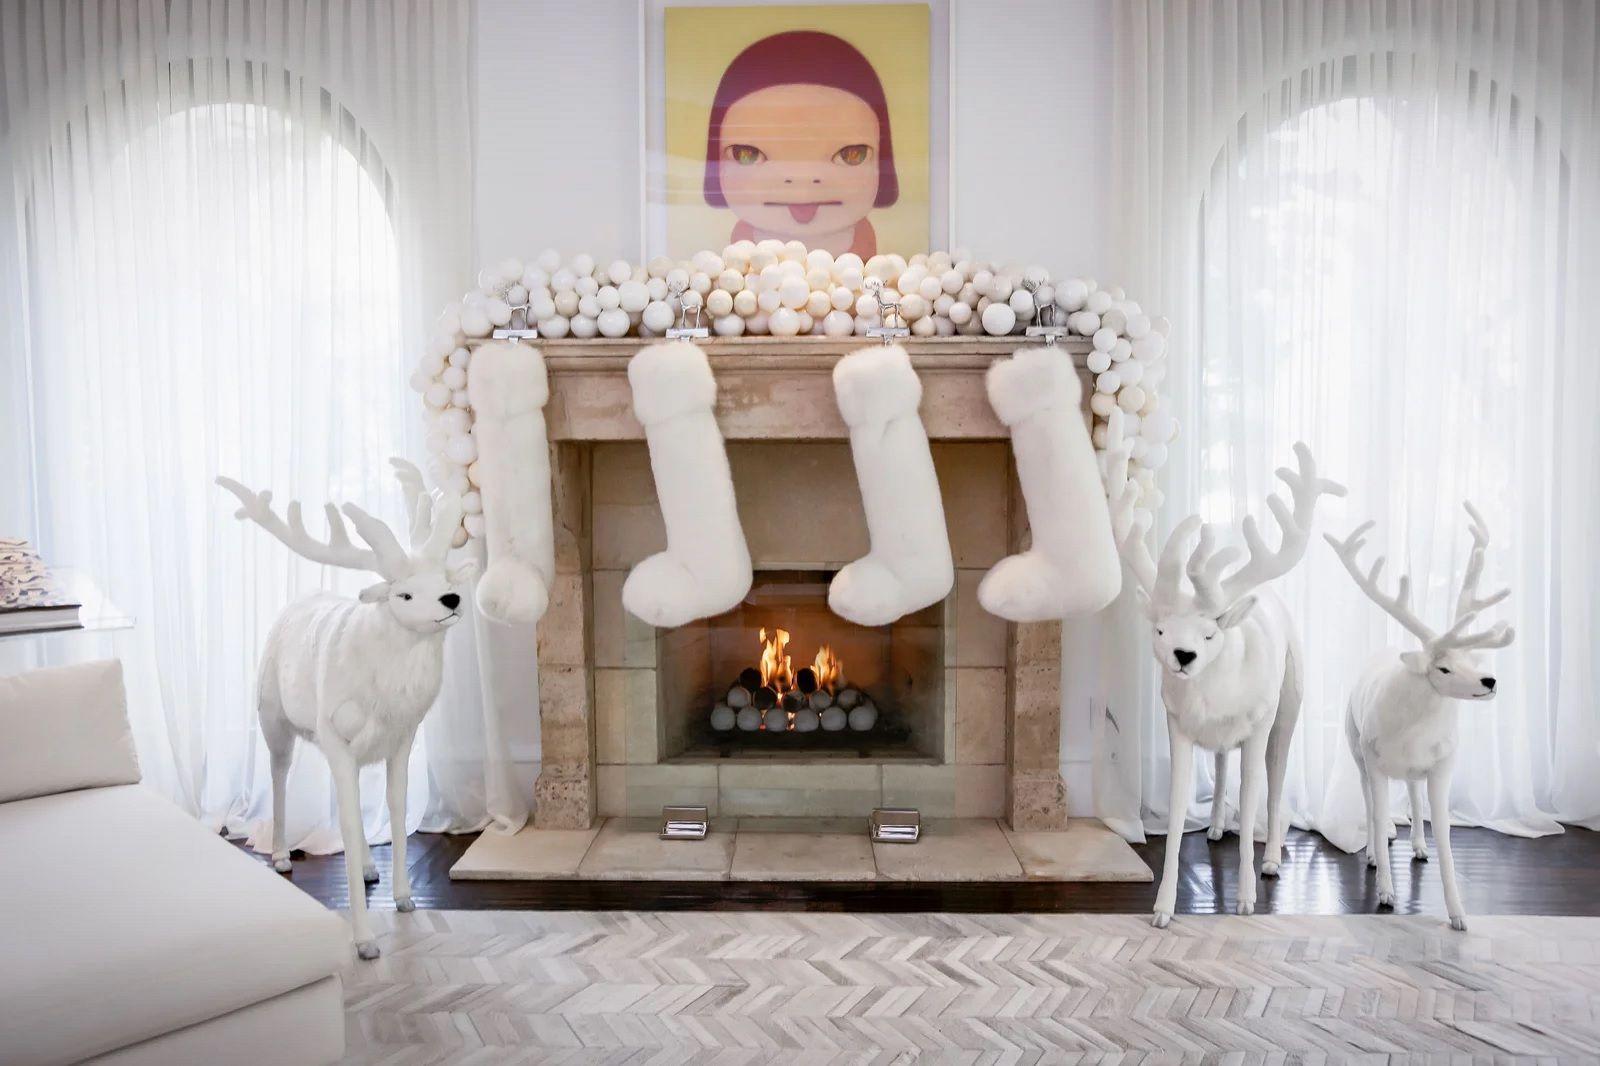 Le decorazioni di Natale di Kris Jenner - Neomag.